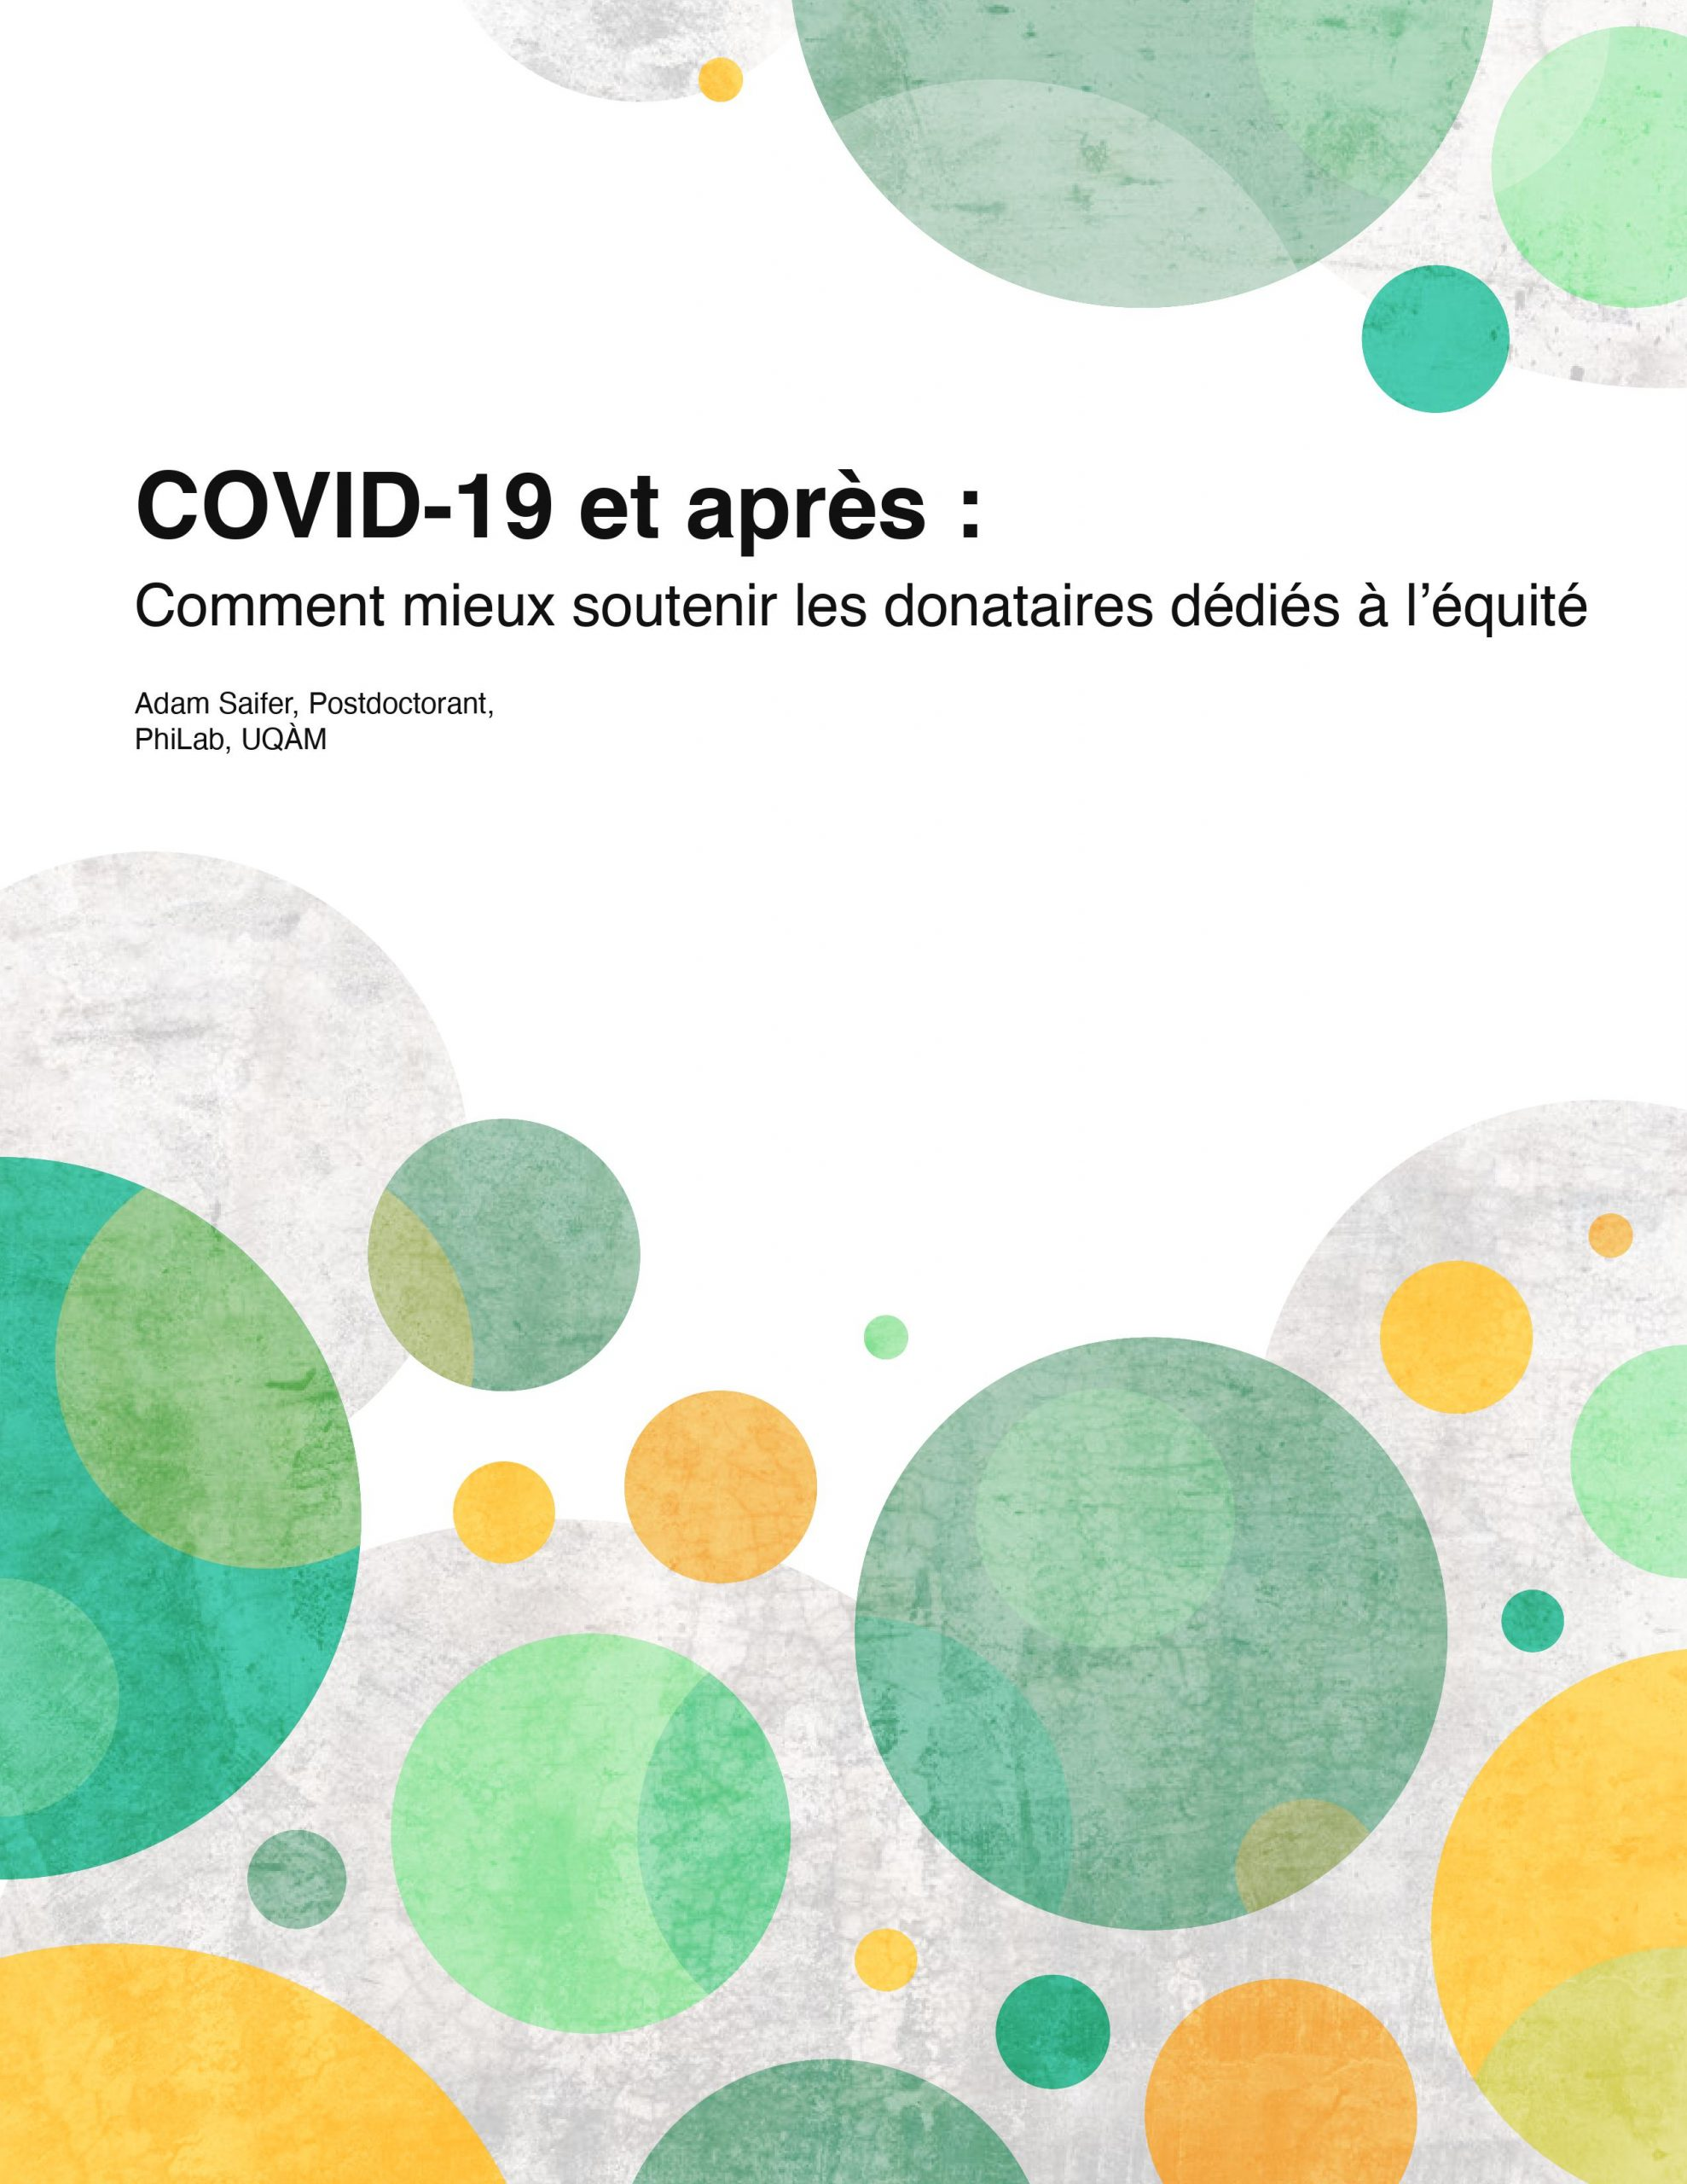 COVID-19 et après -Comment mieux soutenir les donataires dédiés à l'équité